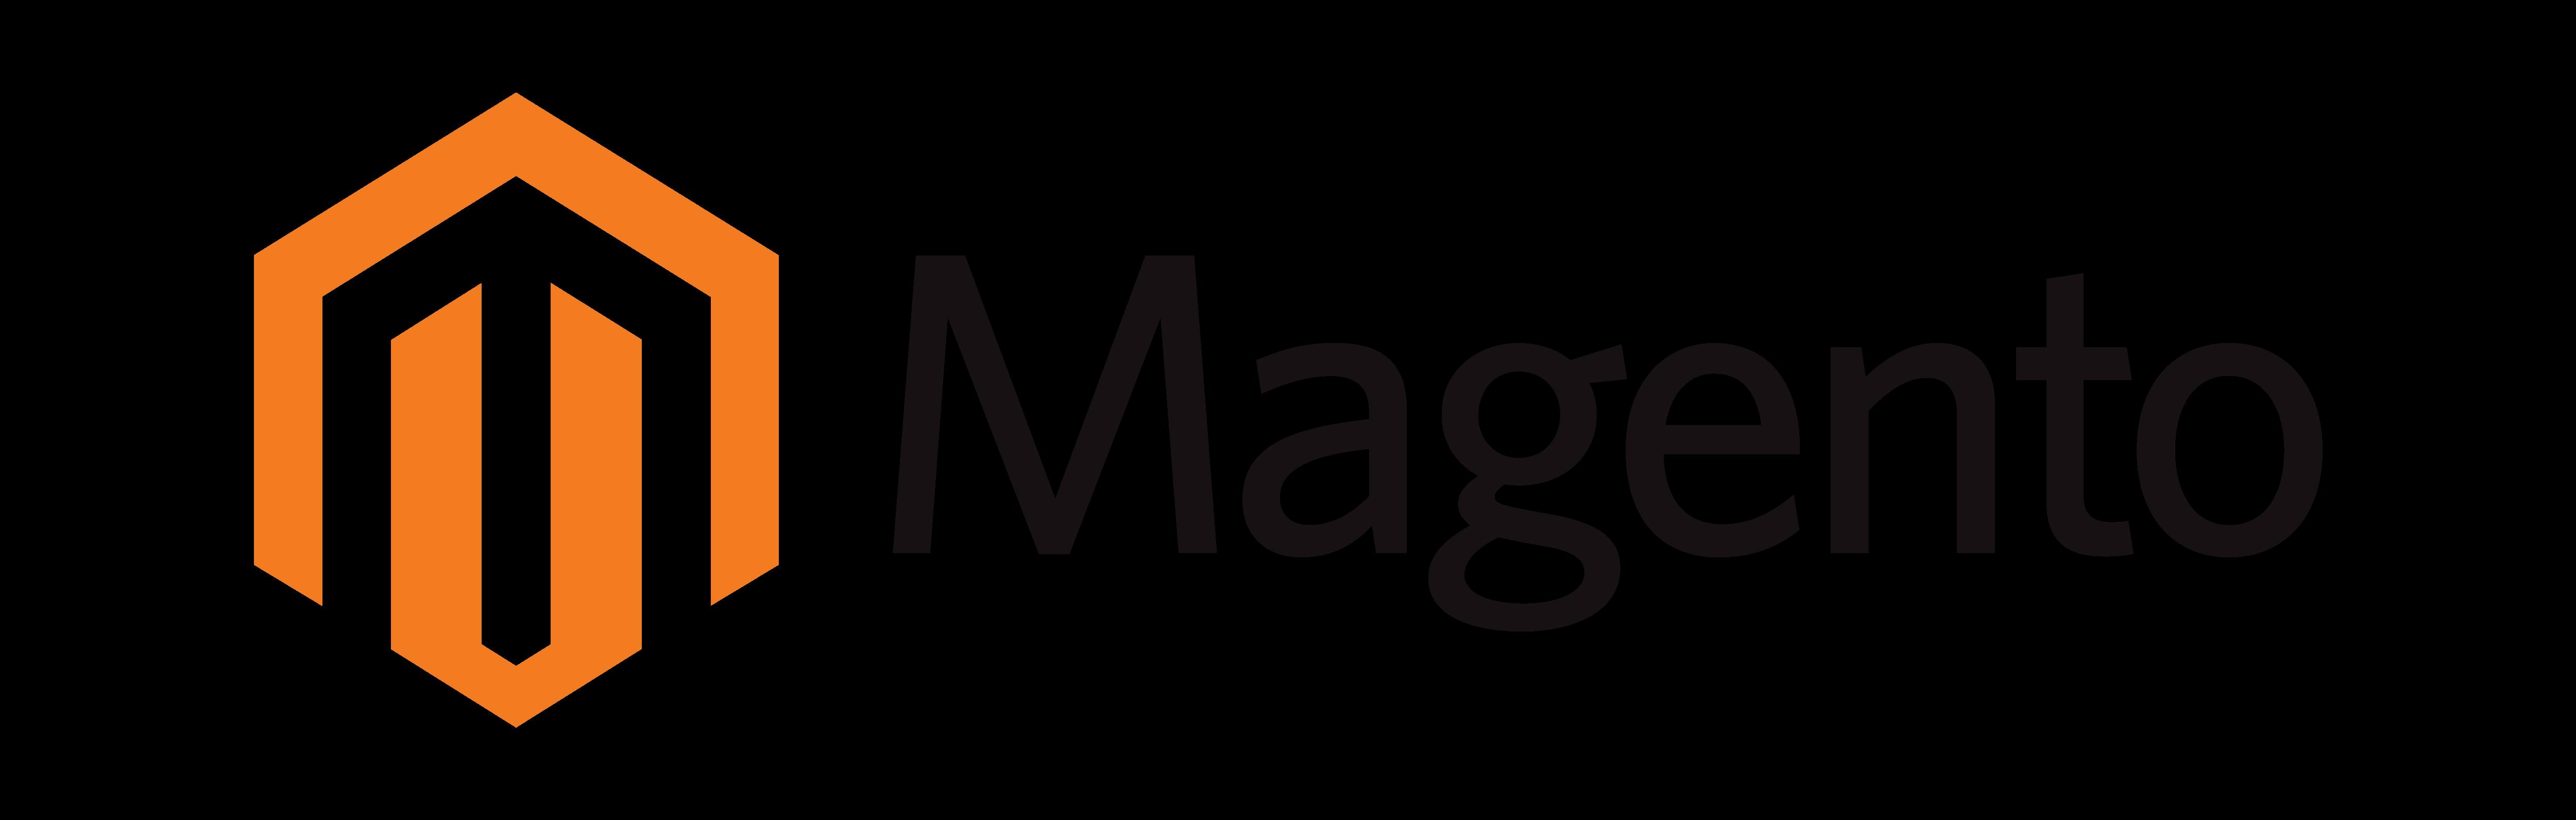 company-logos_Magento-38